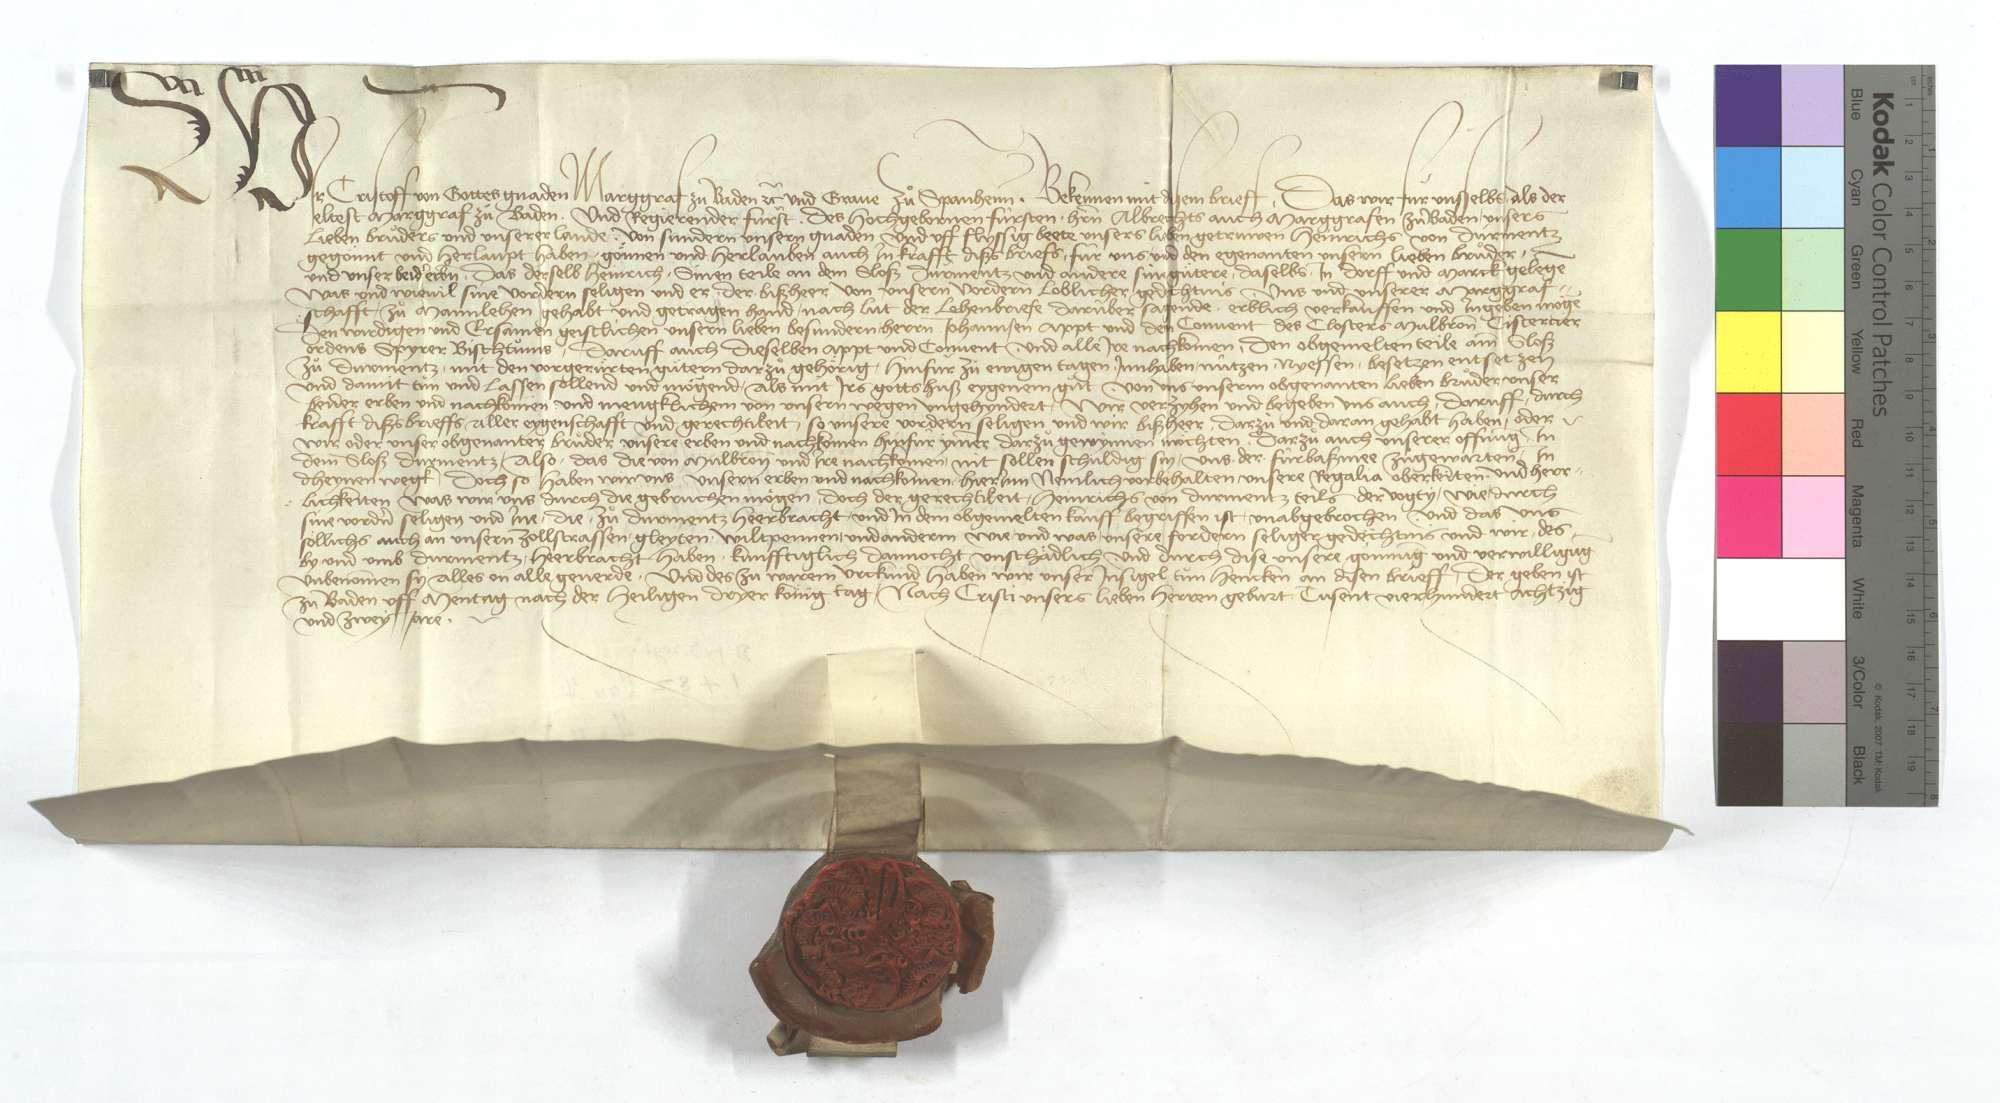 Markgraf Christoph von Badens Bewilligung für Heinrich von Dürrmenz, seine ihm zu Lehen habende Gerechtsame und Güter in Dürrmenz dem Kloster Maulbronn zu verkaufen sowie die Freiung derselben Güter., Text